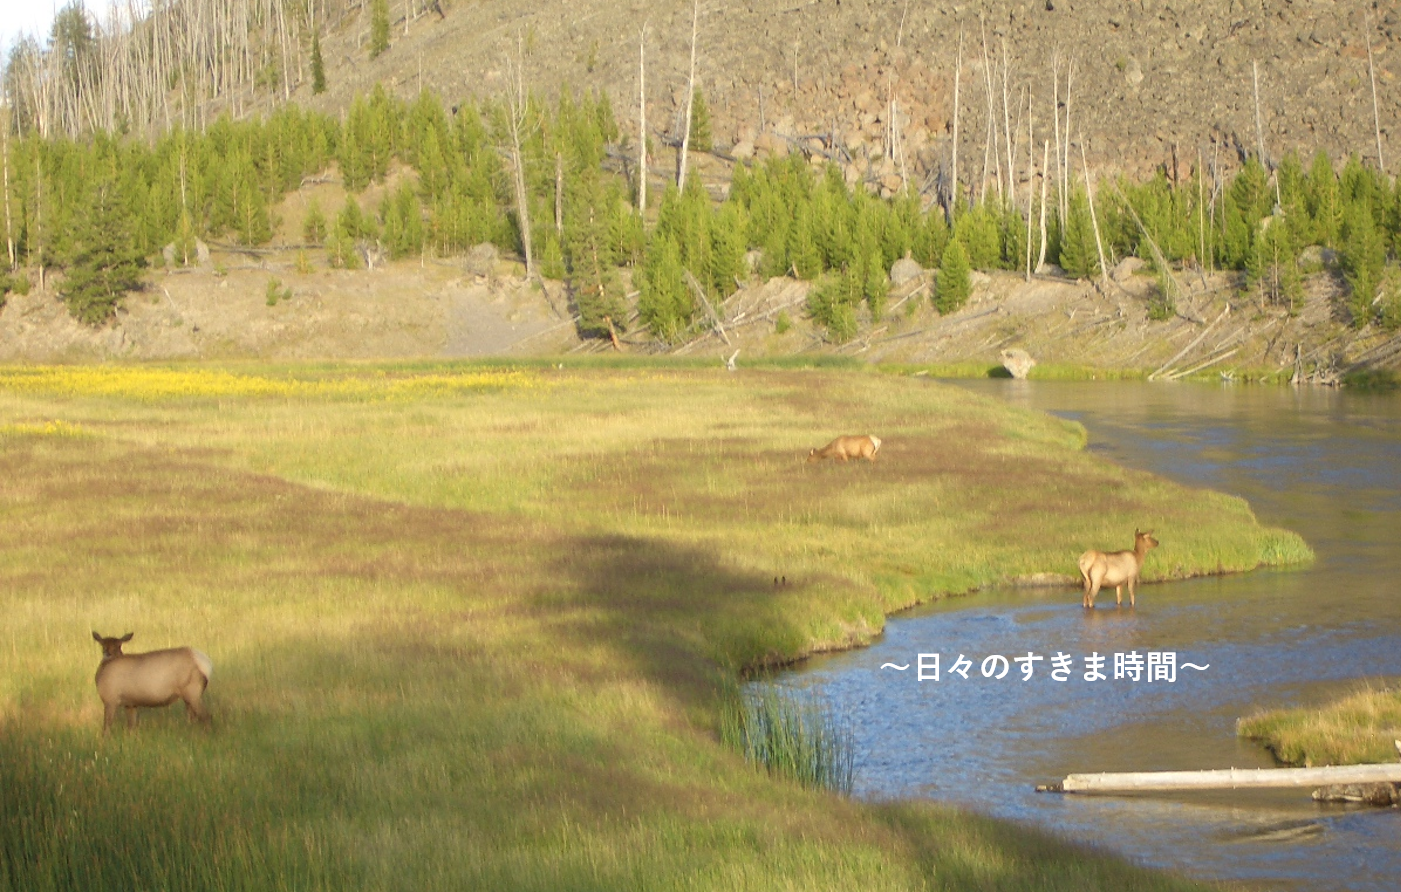 イエローストーン国立公園ミュール鹿